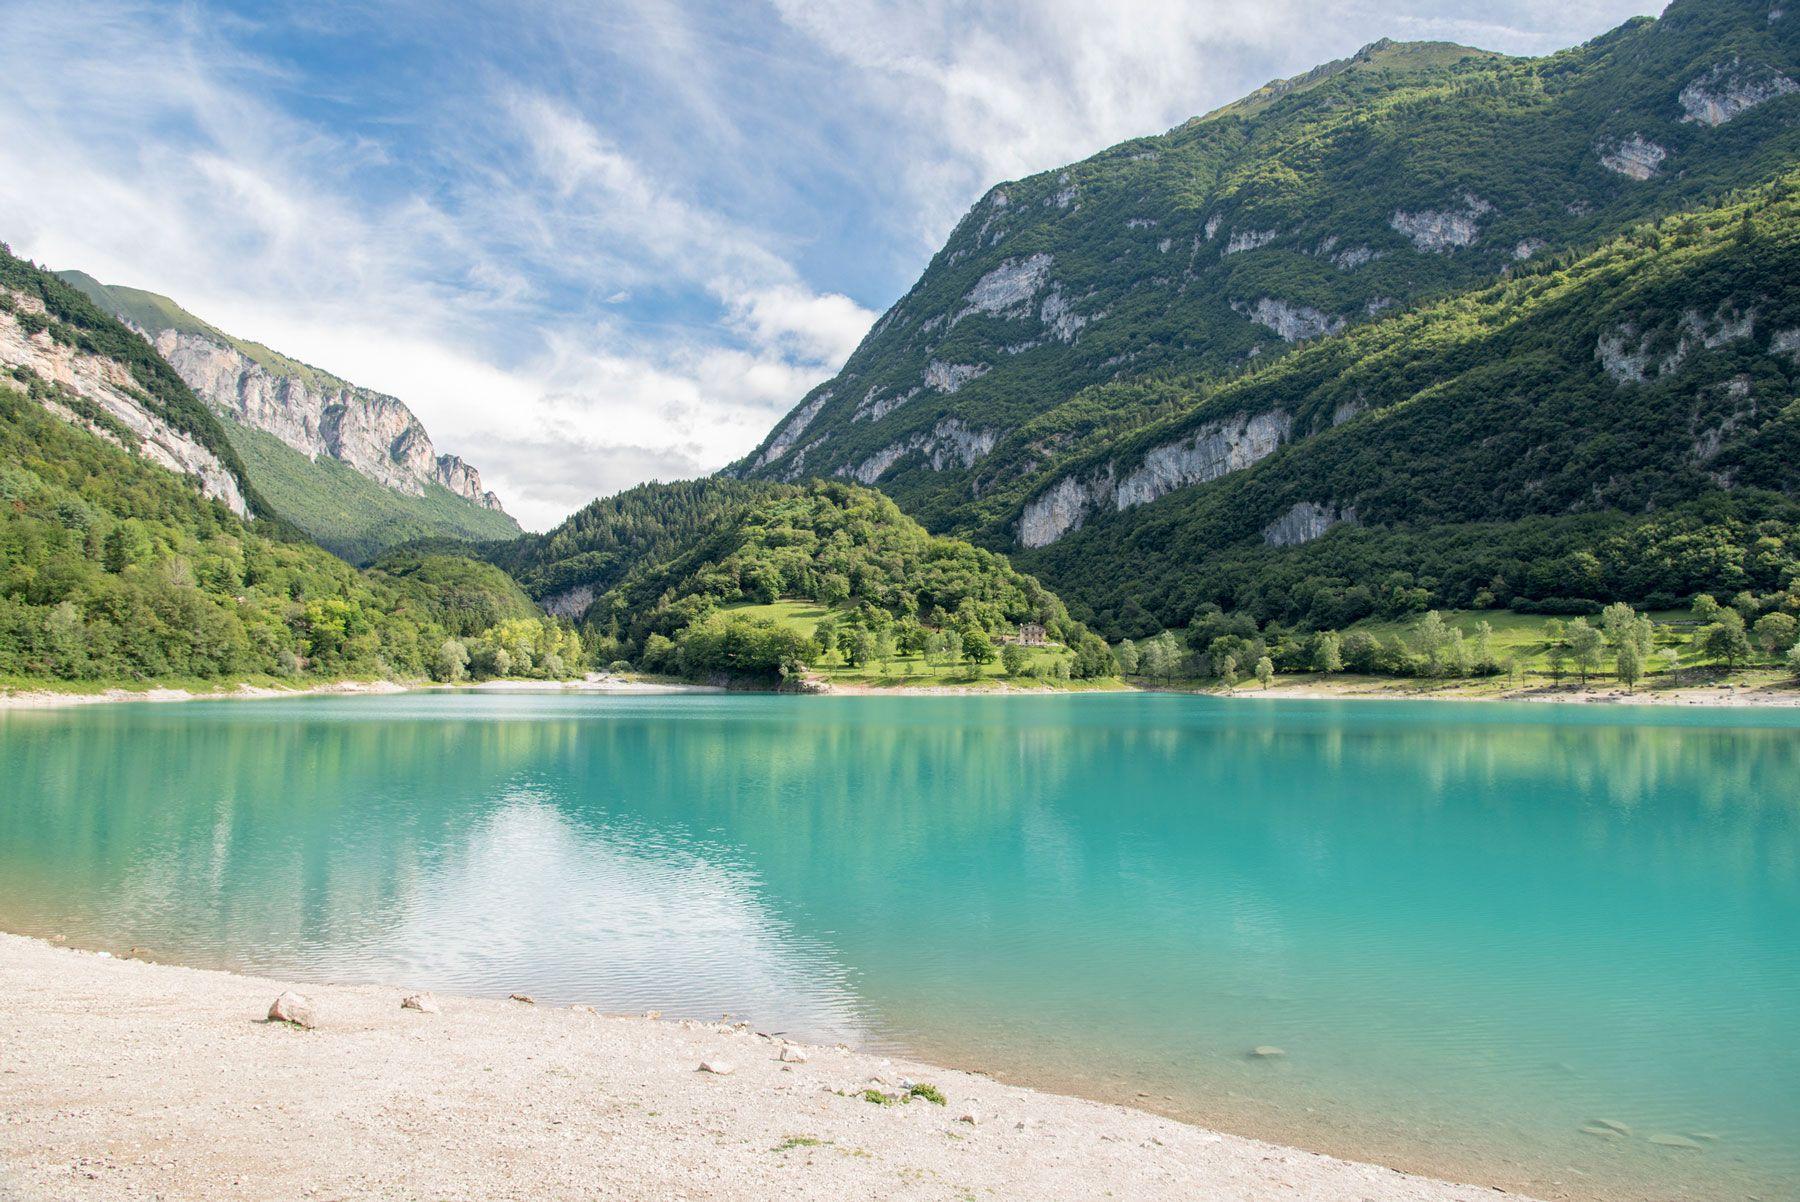 Tennosee Lago di Tenno iStock861401988 web